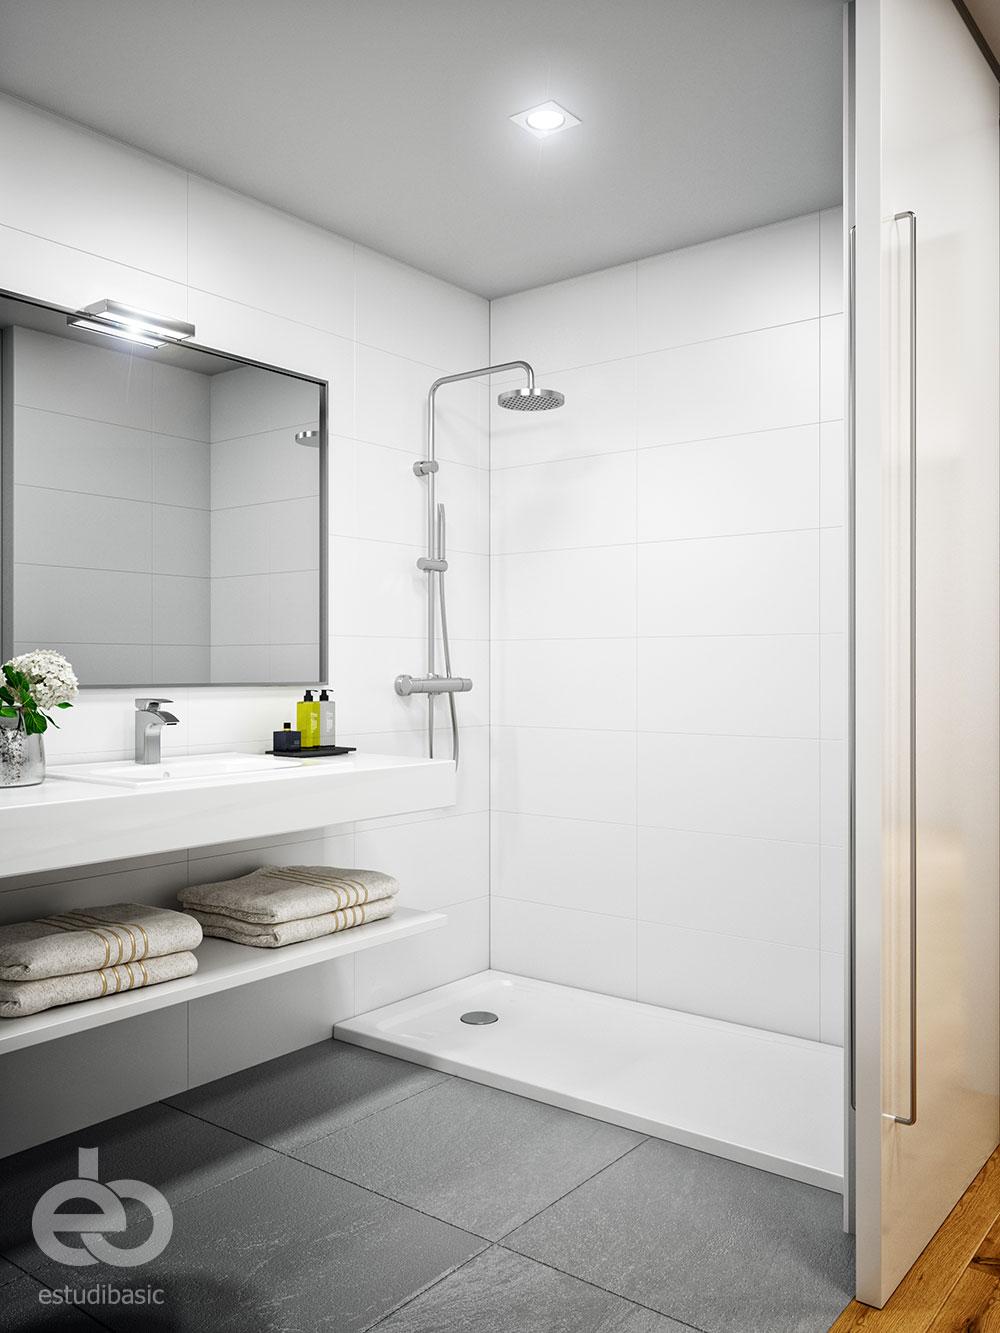 estudibasic-renders-3d-interiores-venta-inmobiliaria